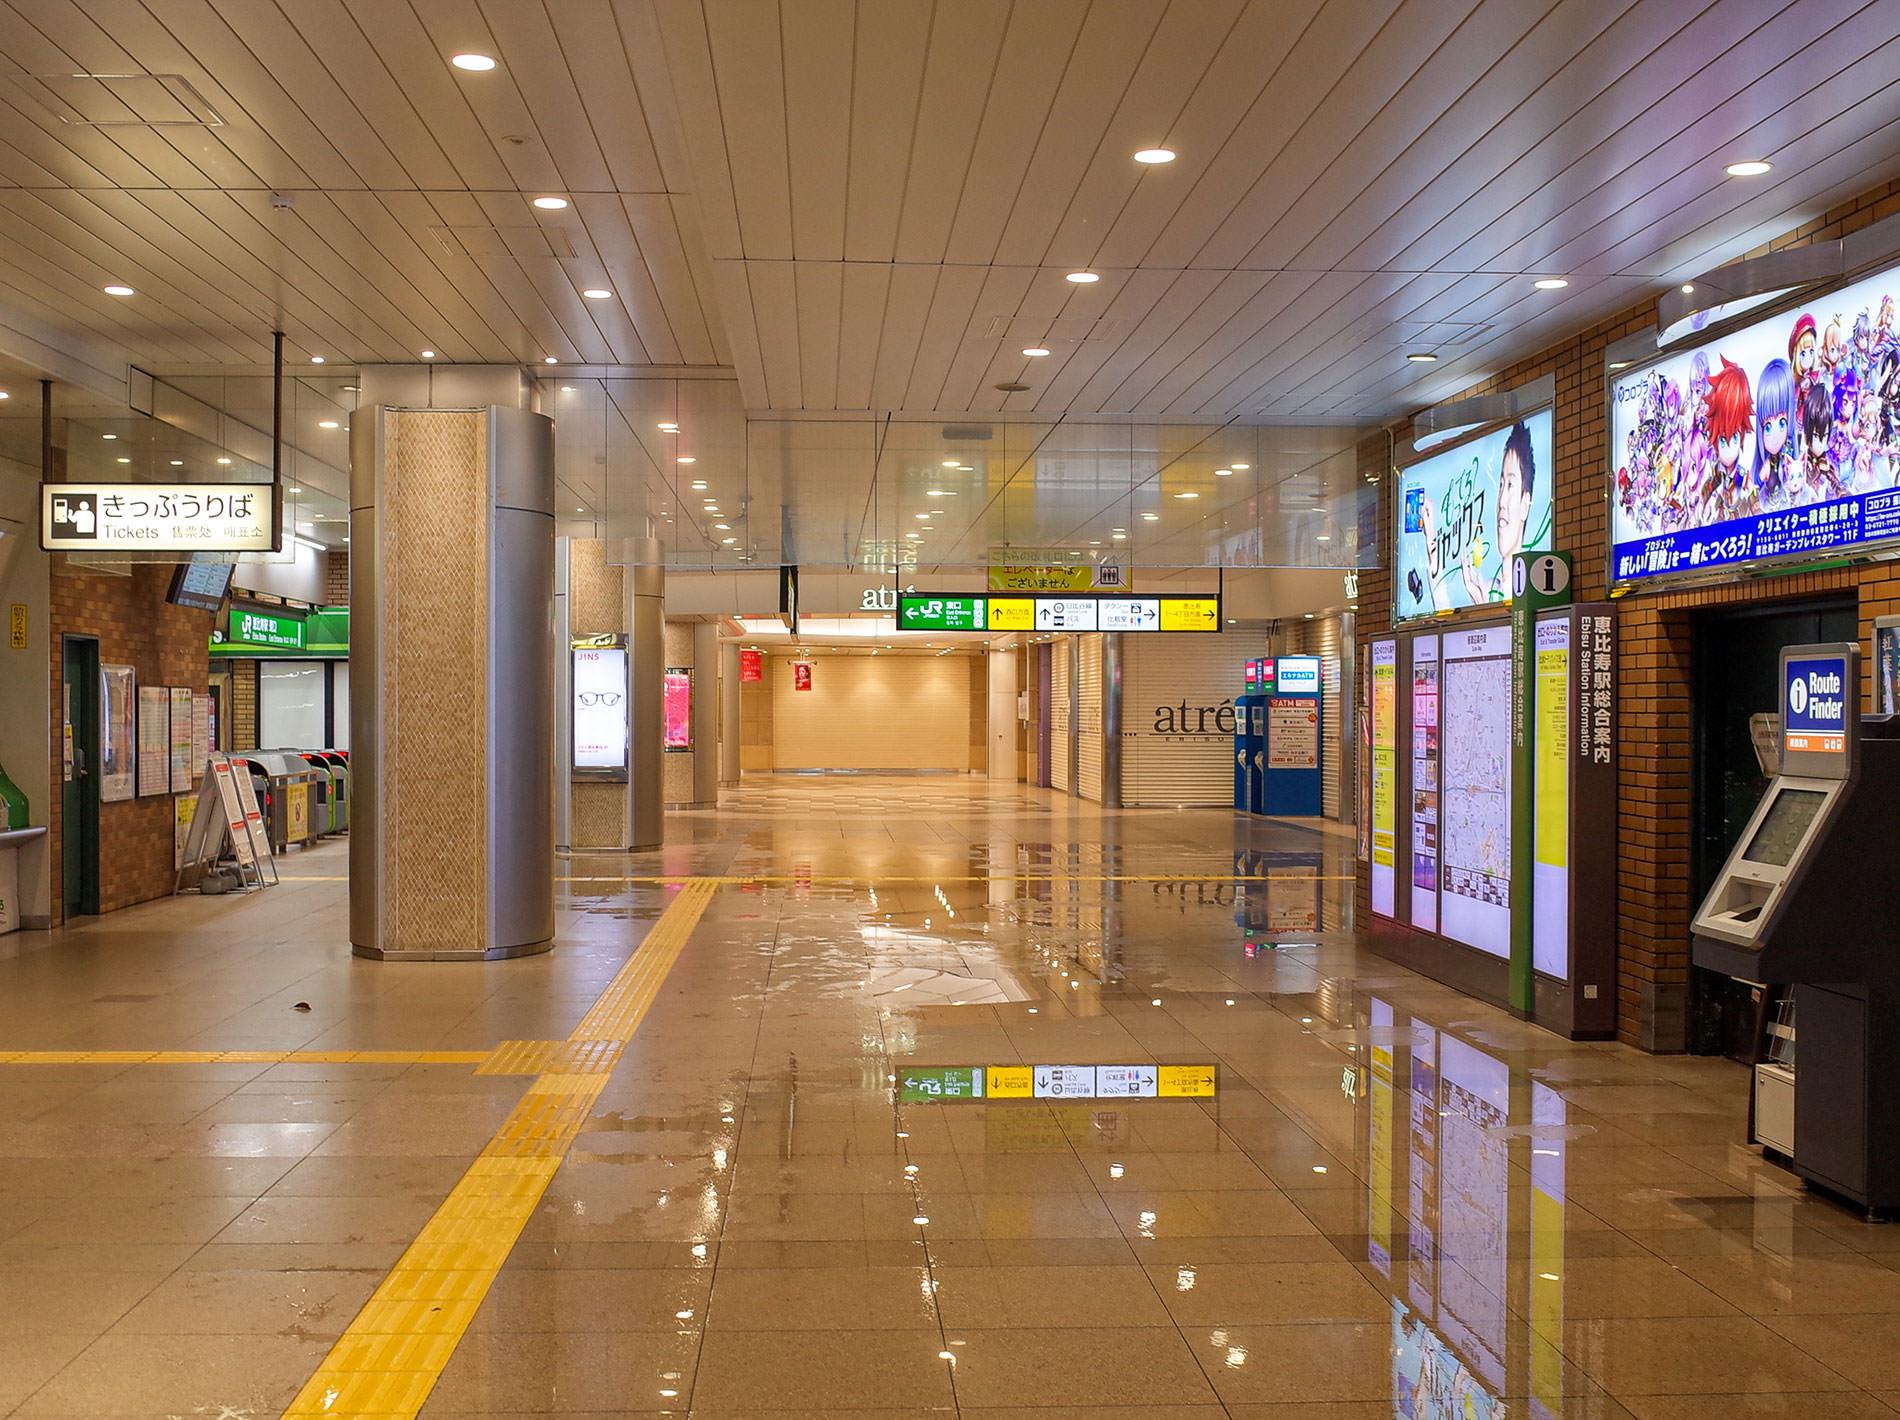 台風19号と計画運休と / typhoon19_planned_suspension_2019